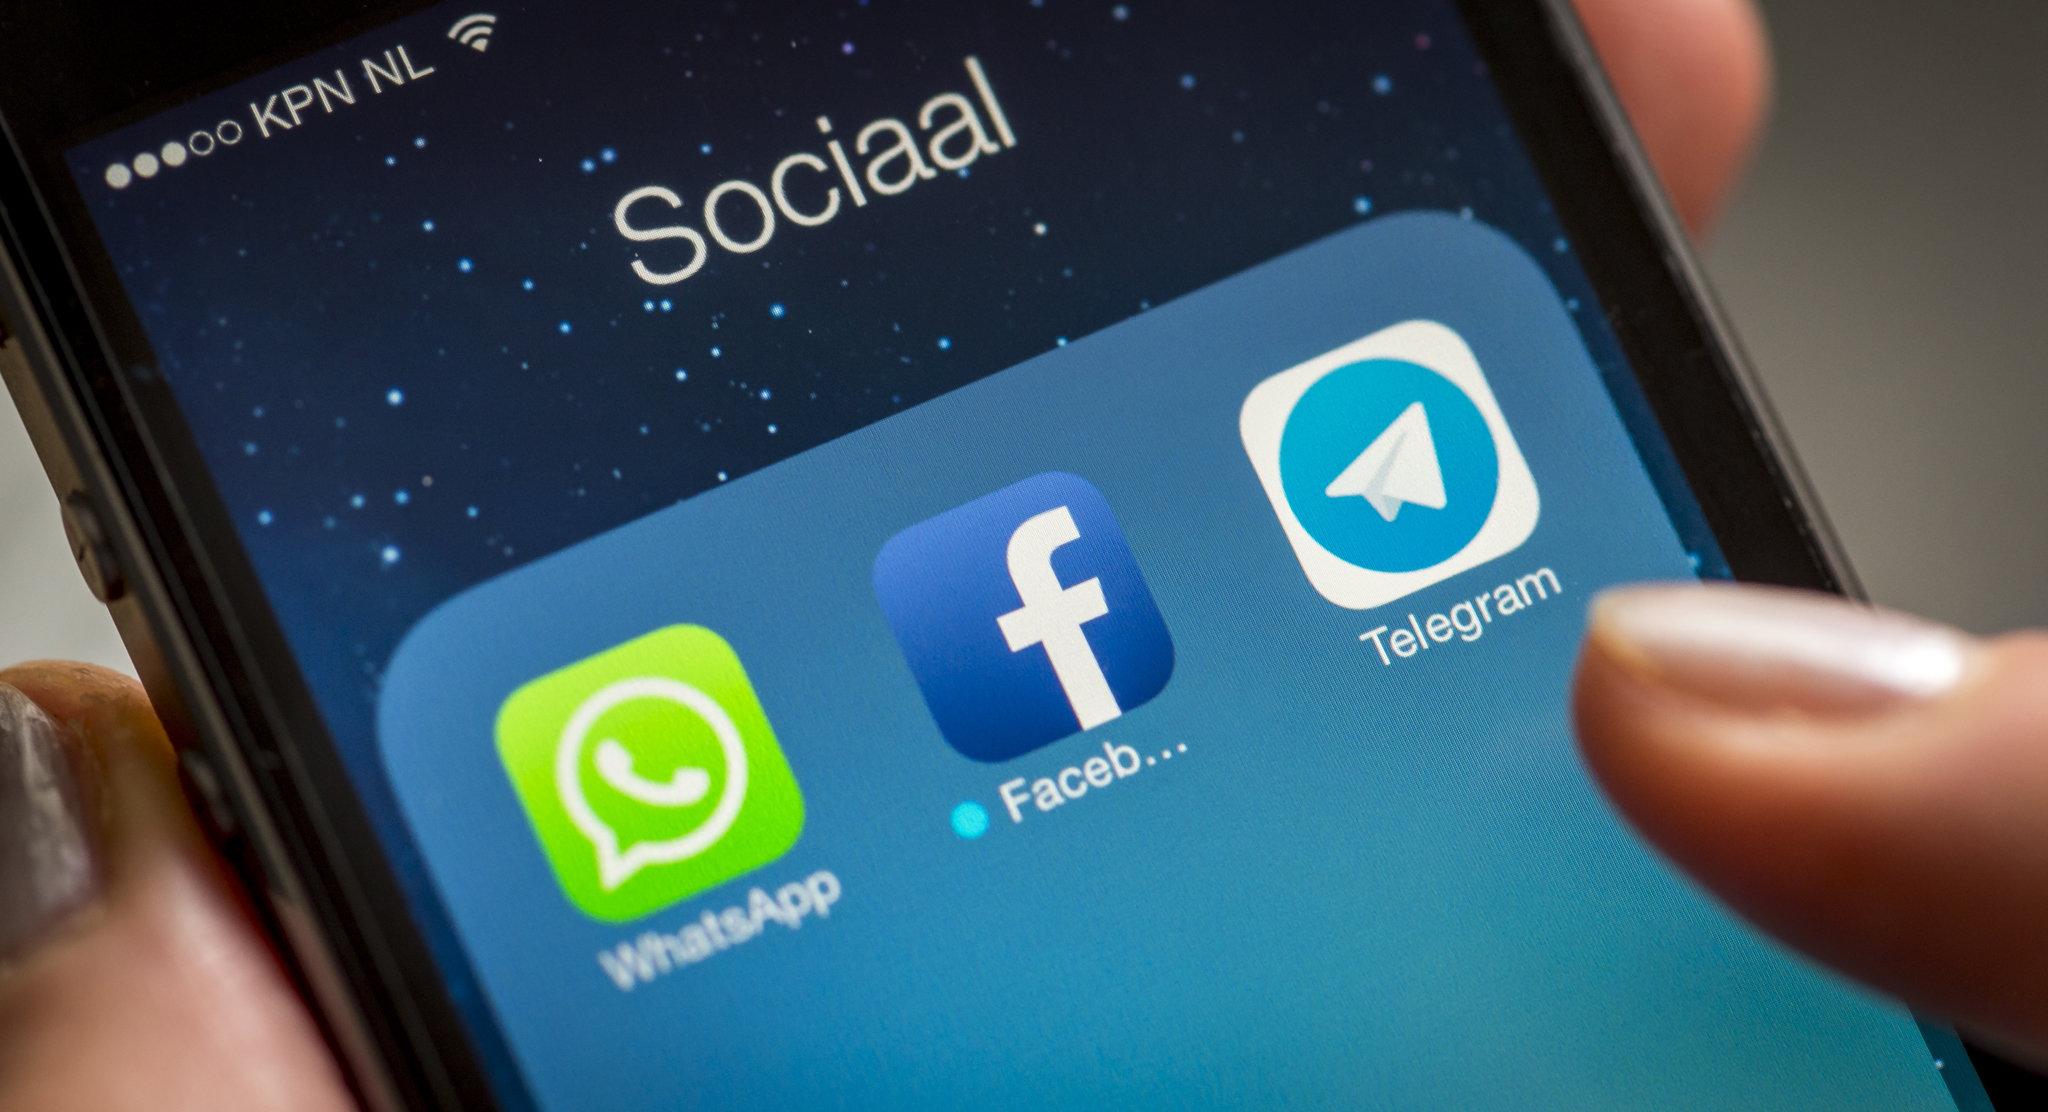 تاثیر عضویت درشبكه های اجتماعی(تلگرام) برعملكرد هنرمندان نقاش (بخش نهم)